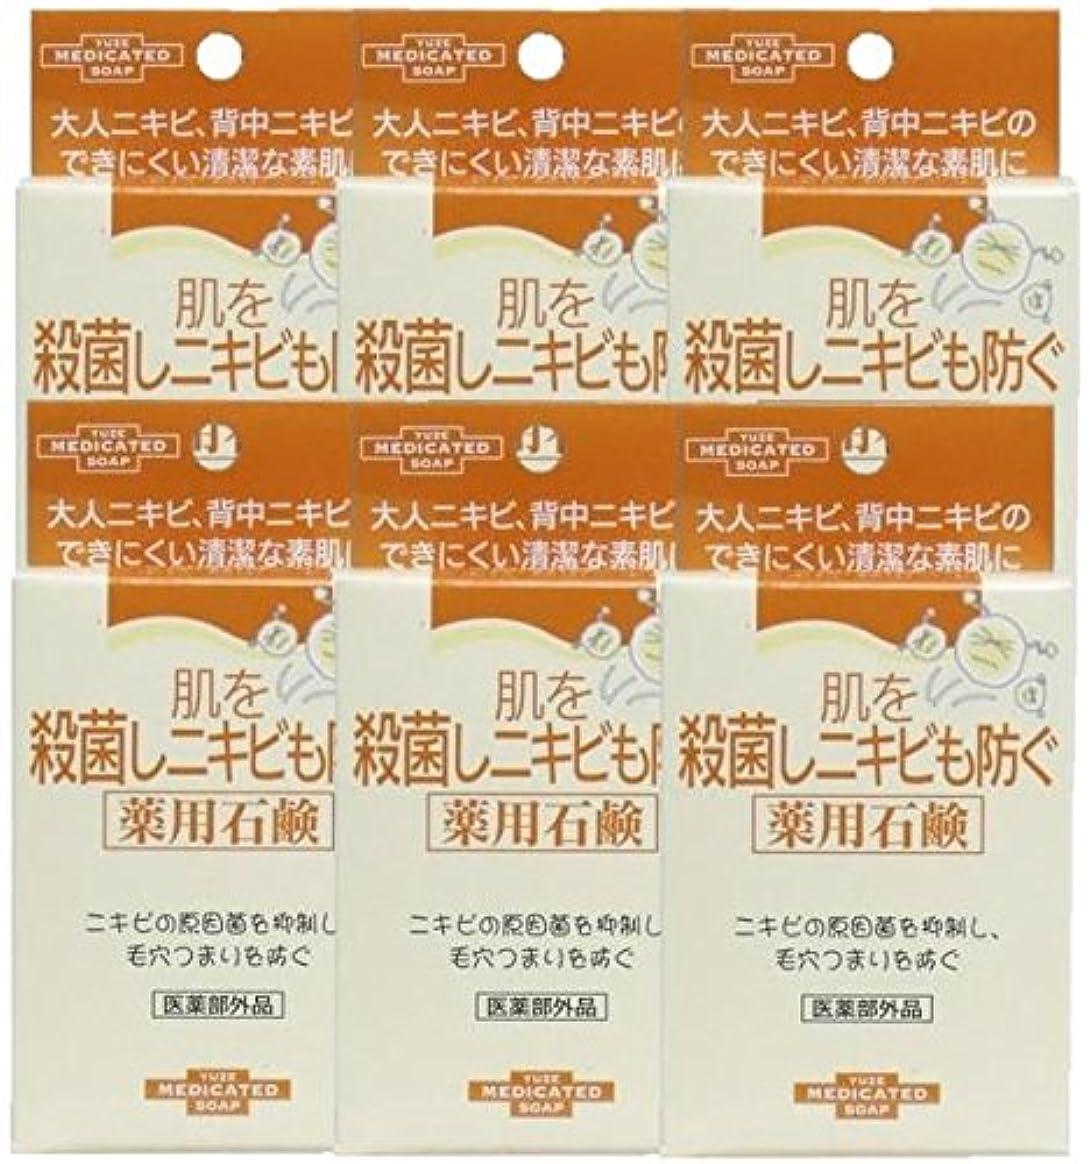 生じる詳細に委任するユゼ 肌を殺菌しニキビも防ぐ薬用石鹸 (110g)×6個セット